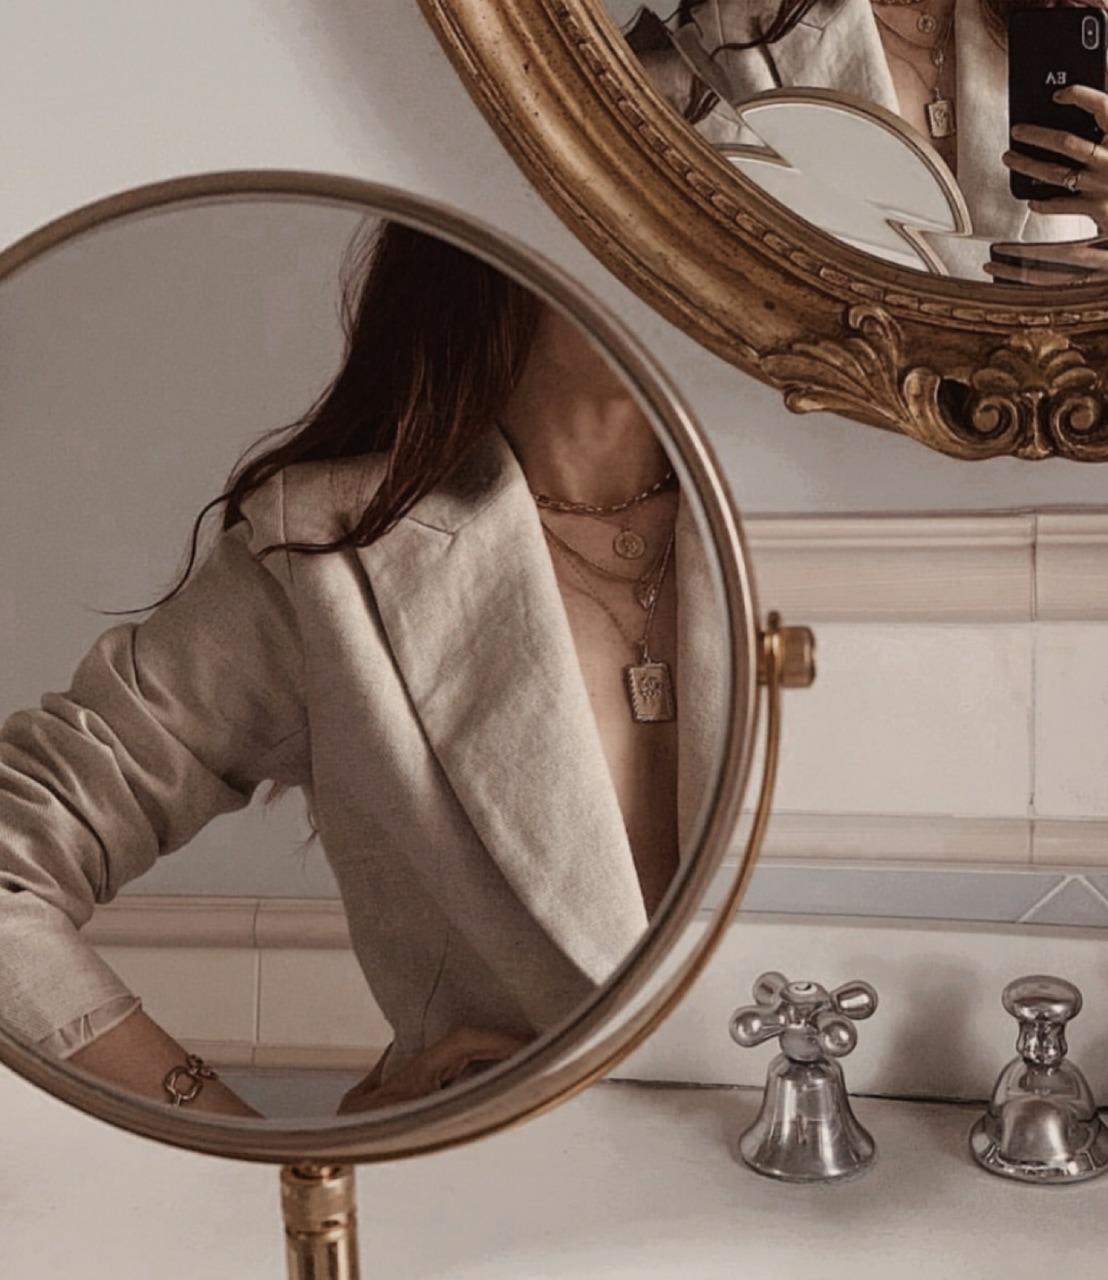 ⑤鏡に映る女性